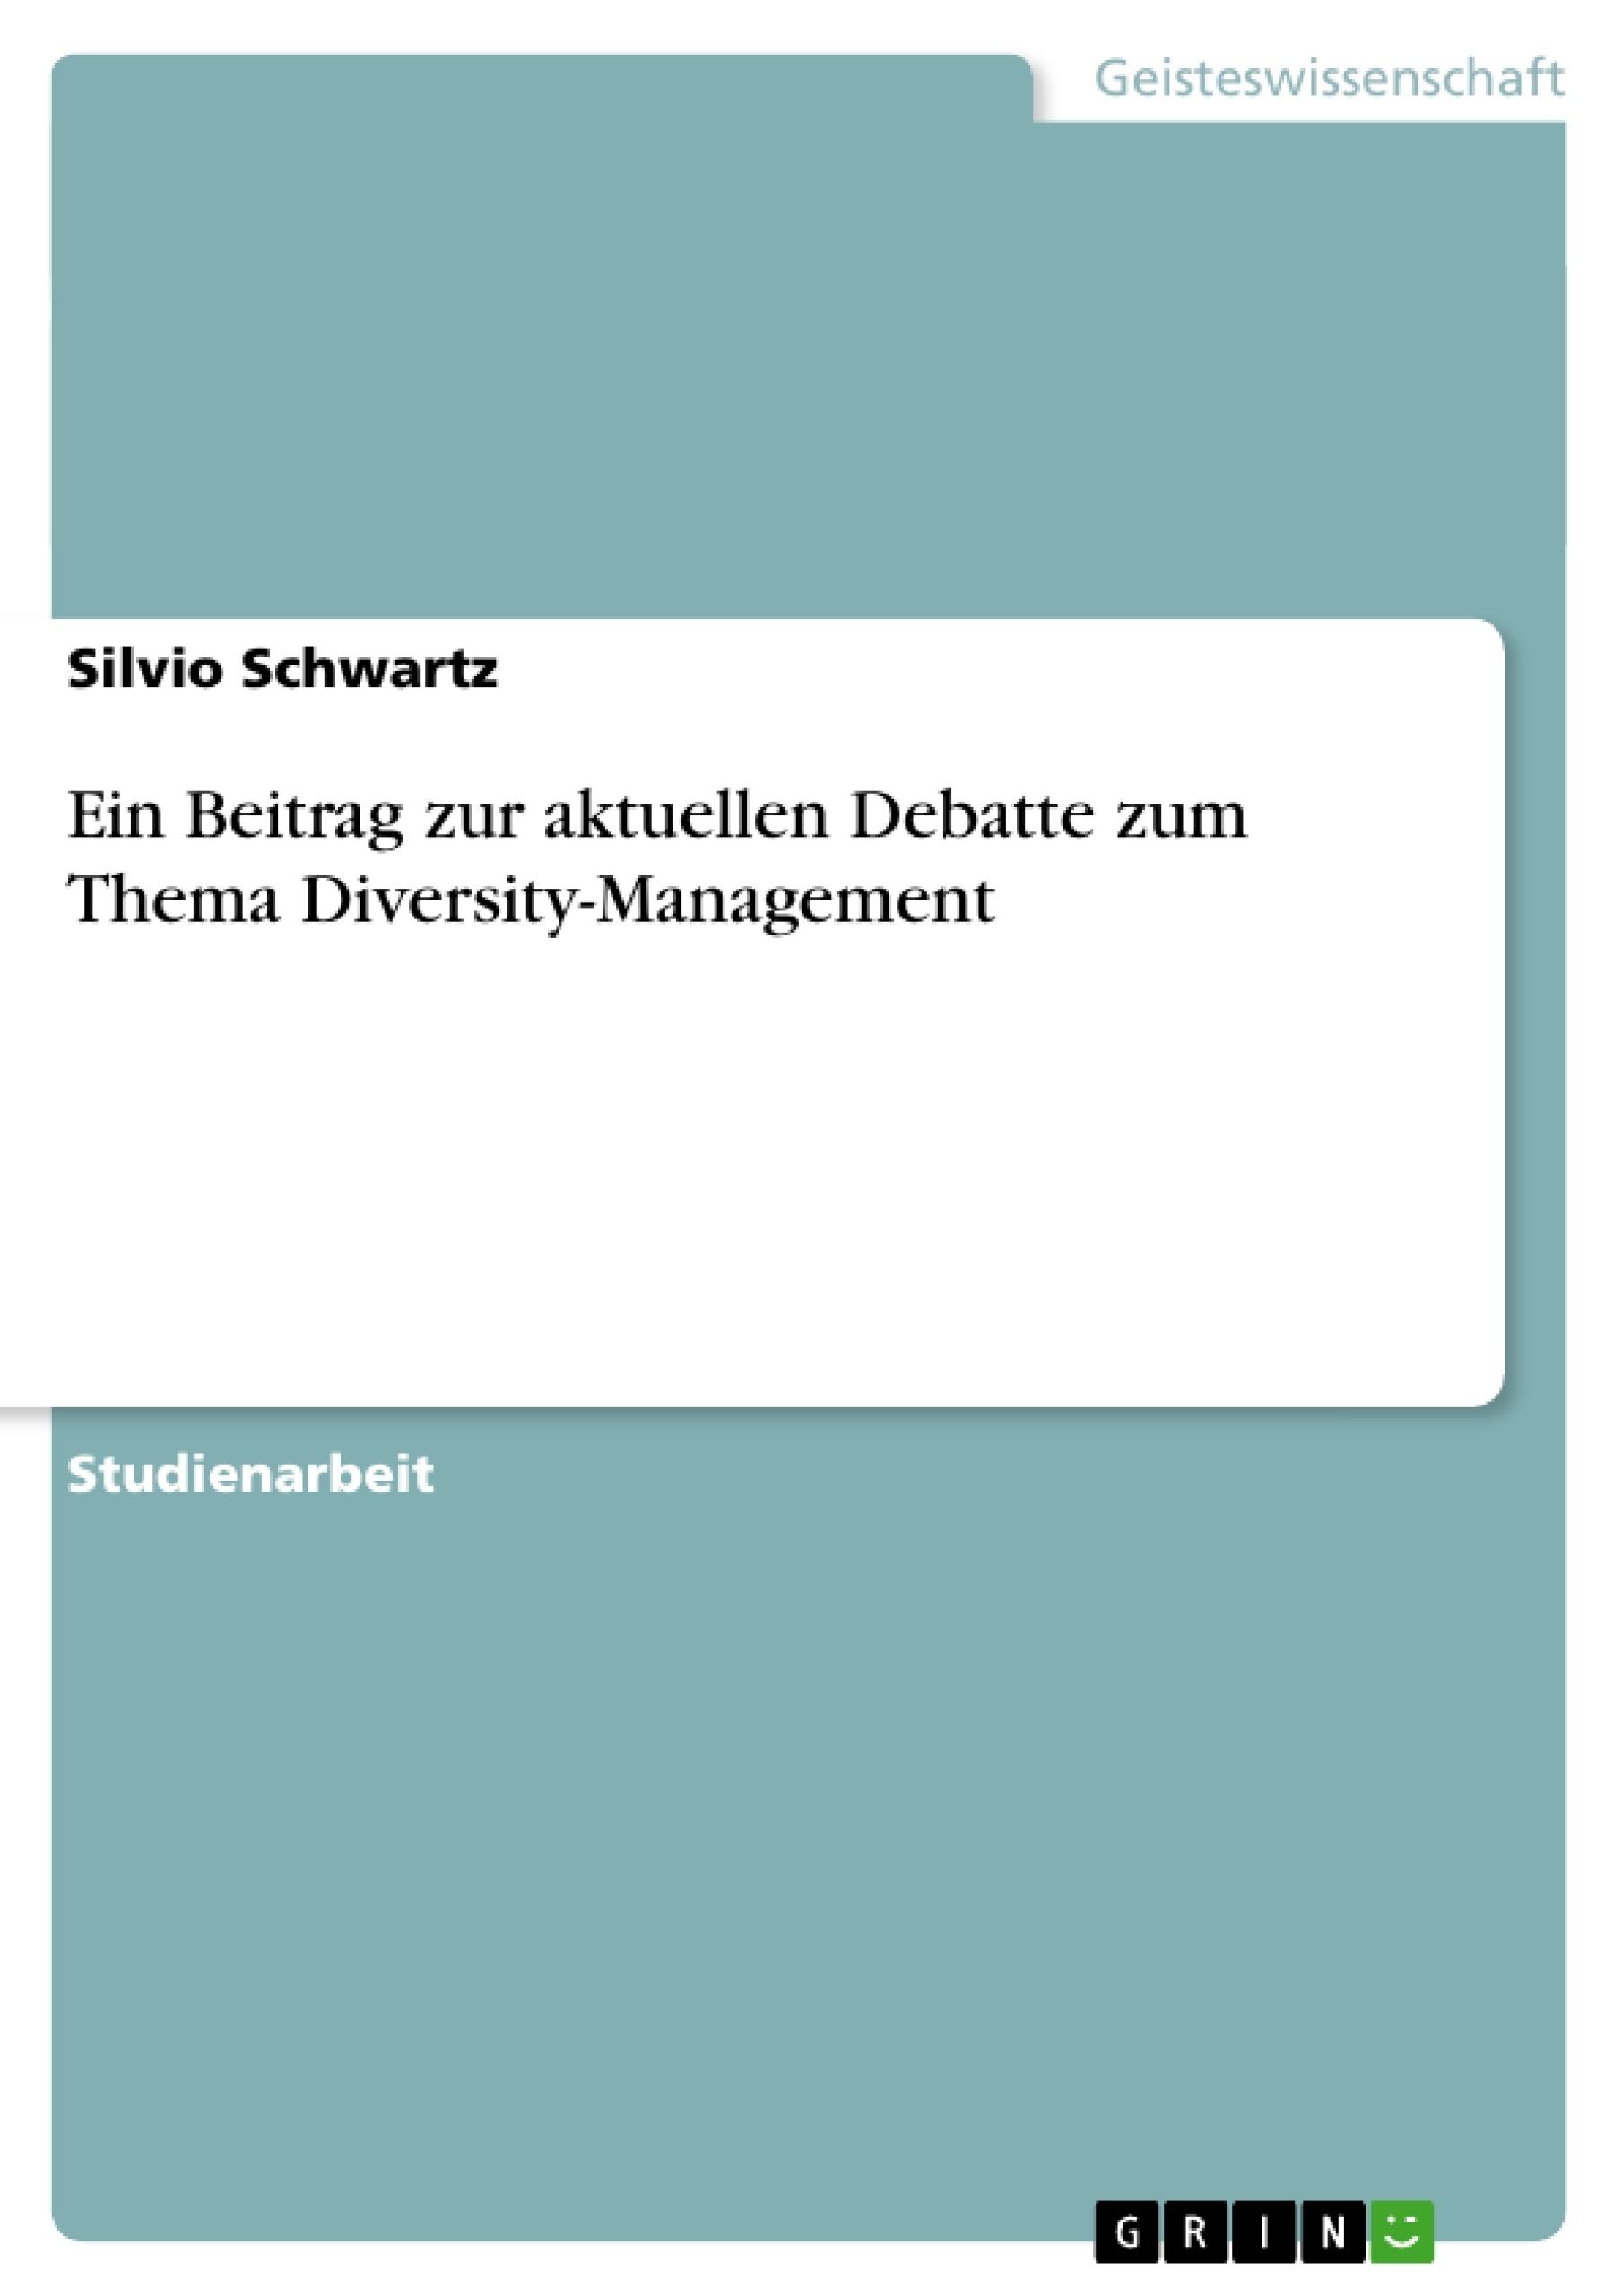 Titel: Ein Beitrag zur aktuellen Debatte zum Thema Diversity-Management